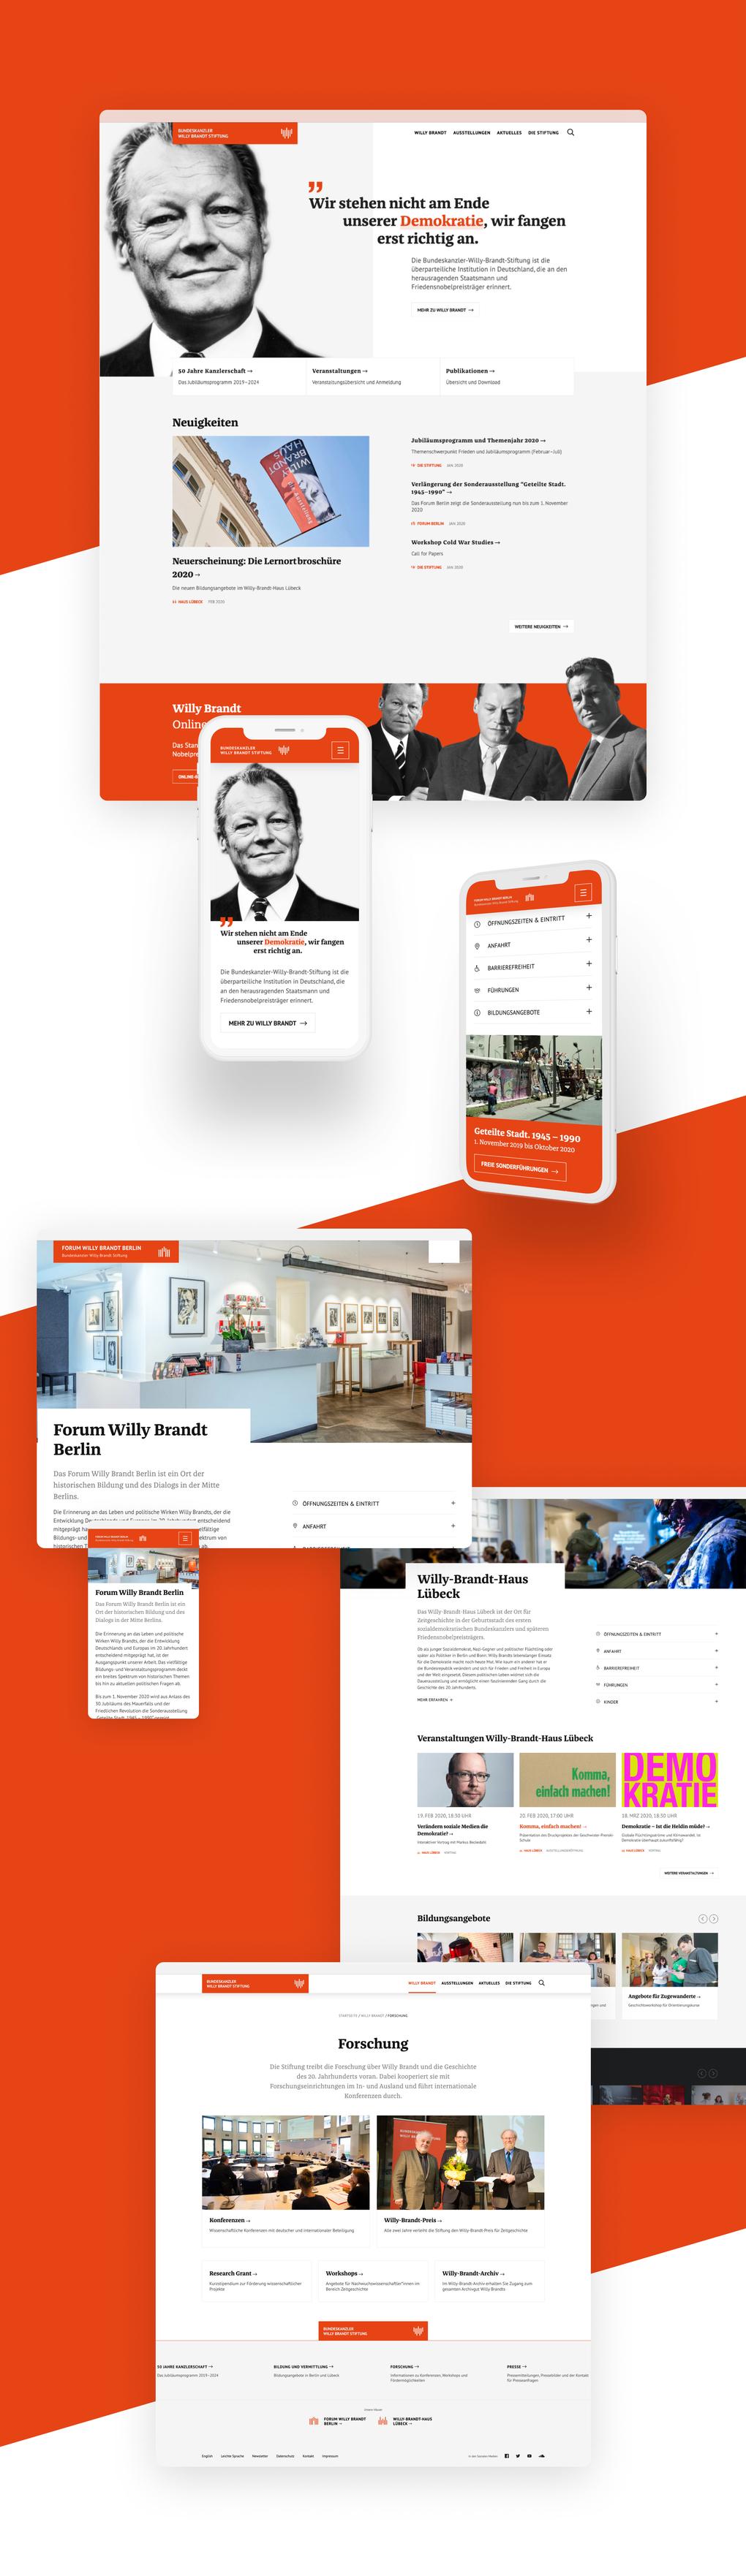 Projektaufbereitung für den Website-Relaunch der Bundeskanzler-Willy-Brandt-Stiftung